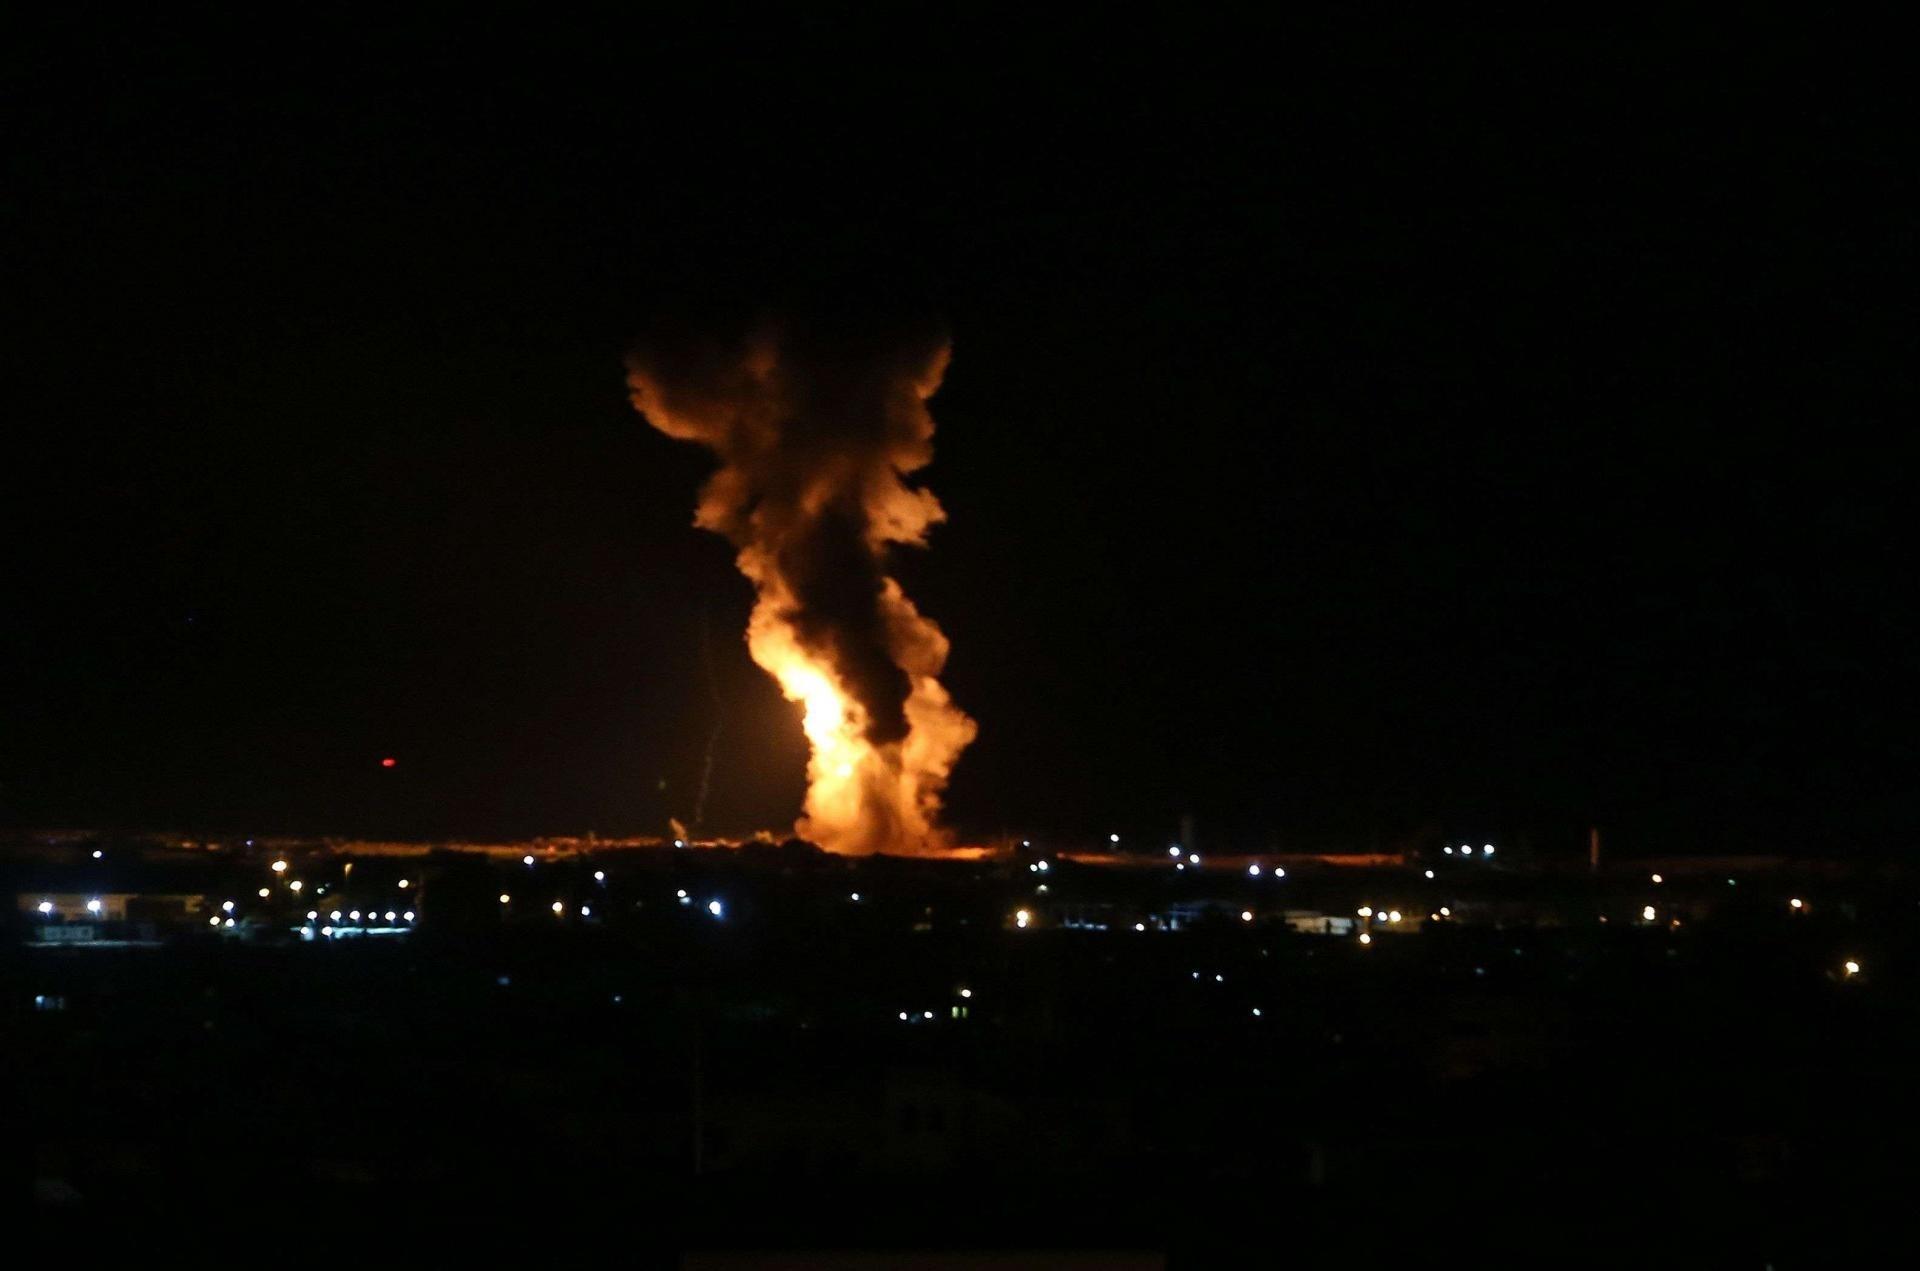 سمع دوي انفجارات شرقي قطاع غزة بحسب ما أكد مراسل الميادين